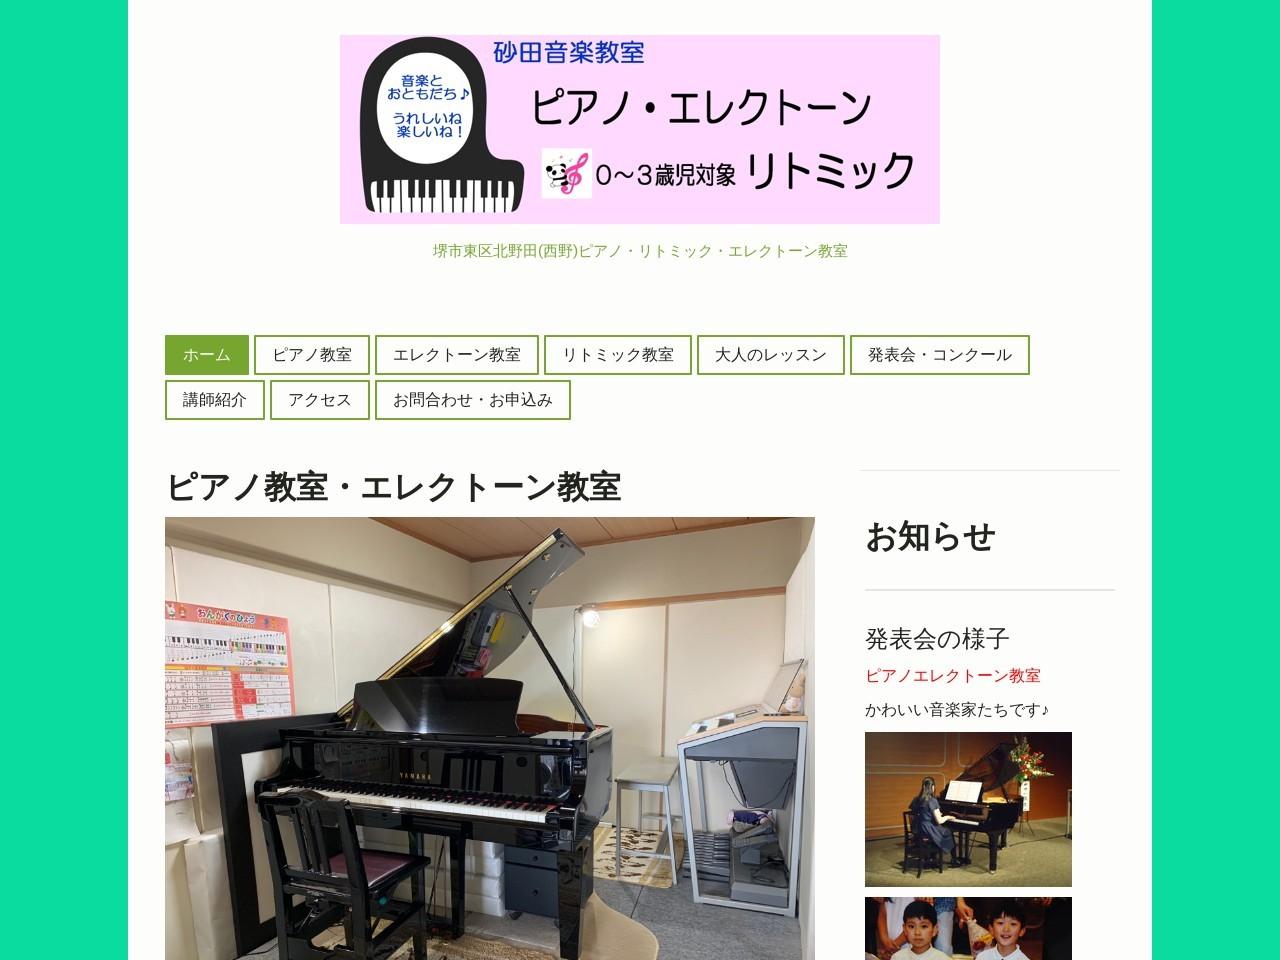 砂田ピアノ・エレクトーン教室のサムネイル